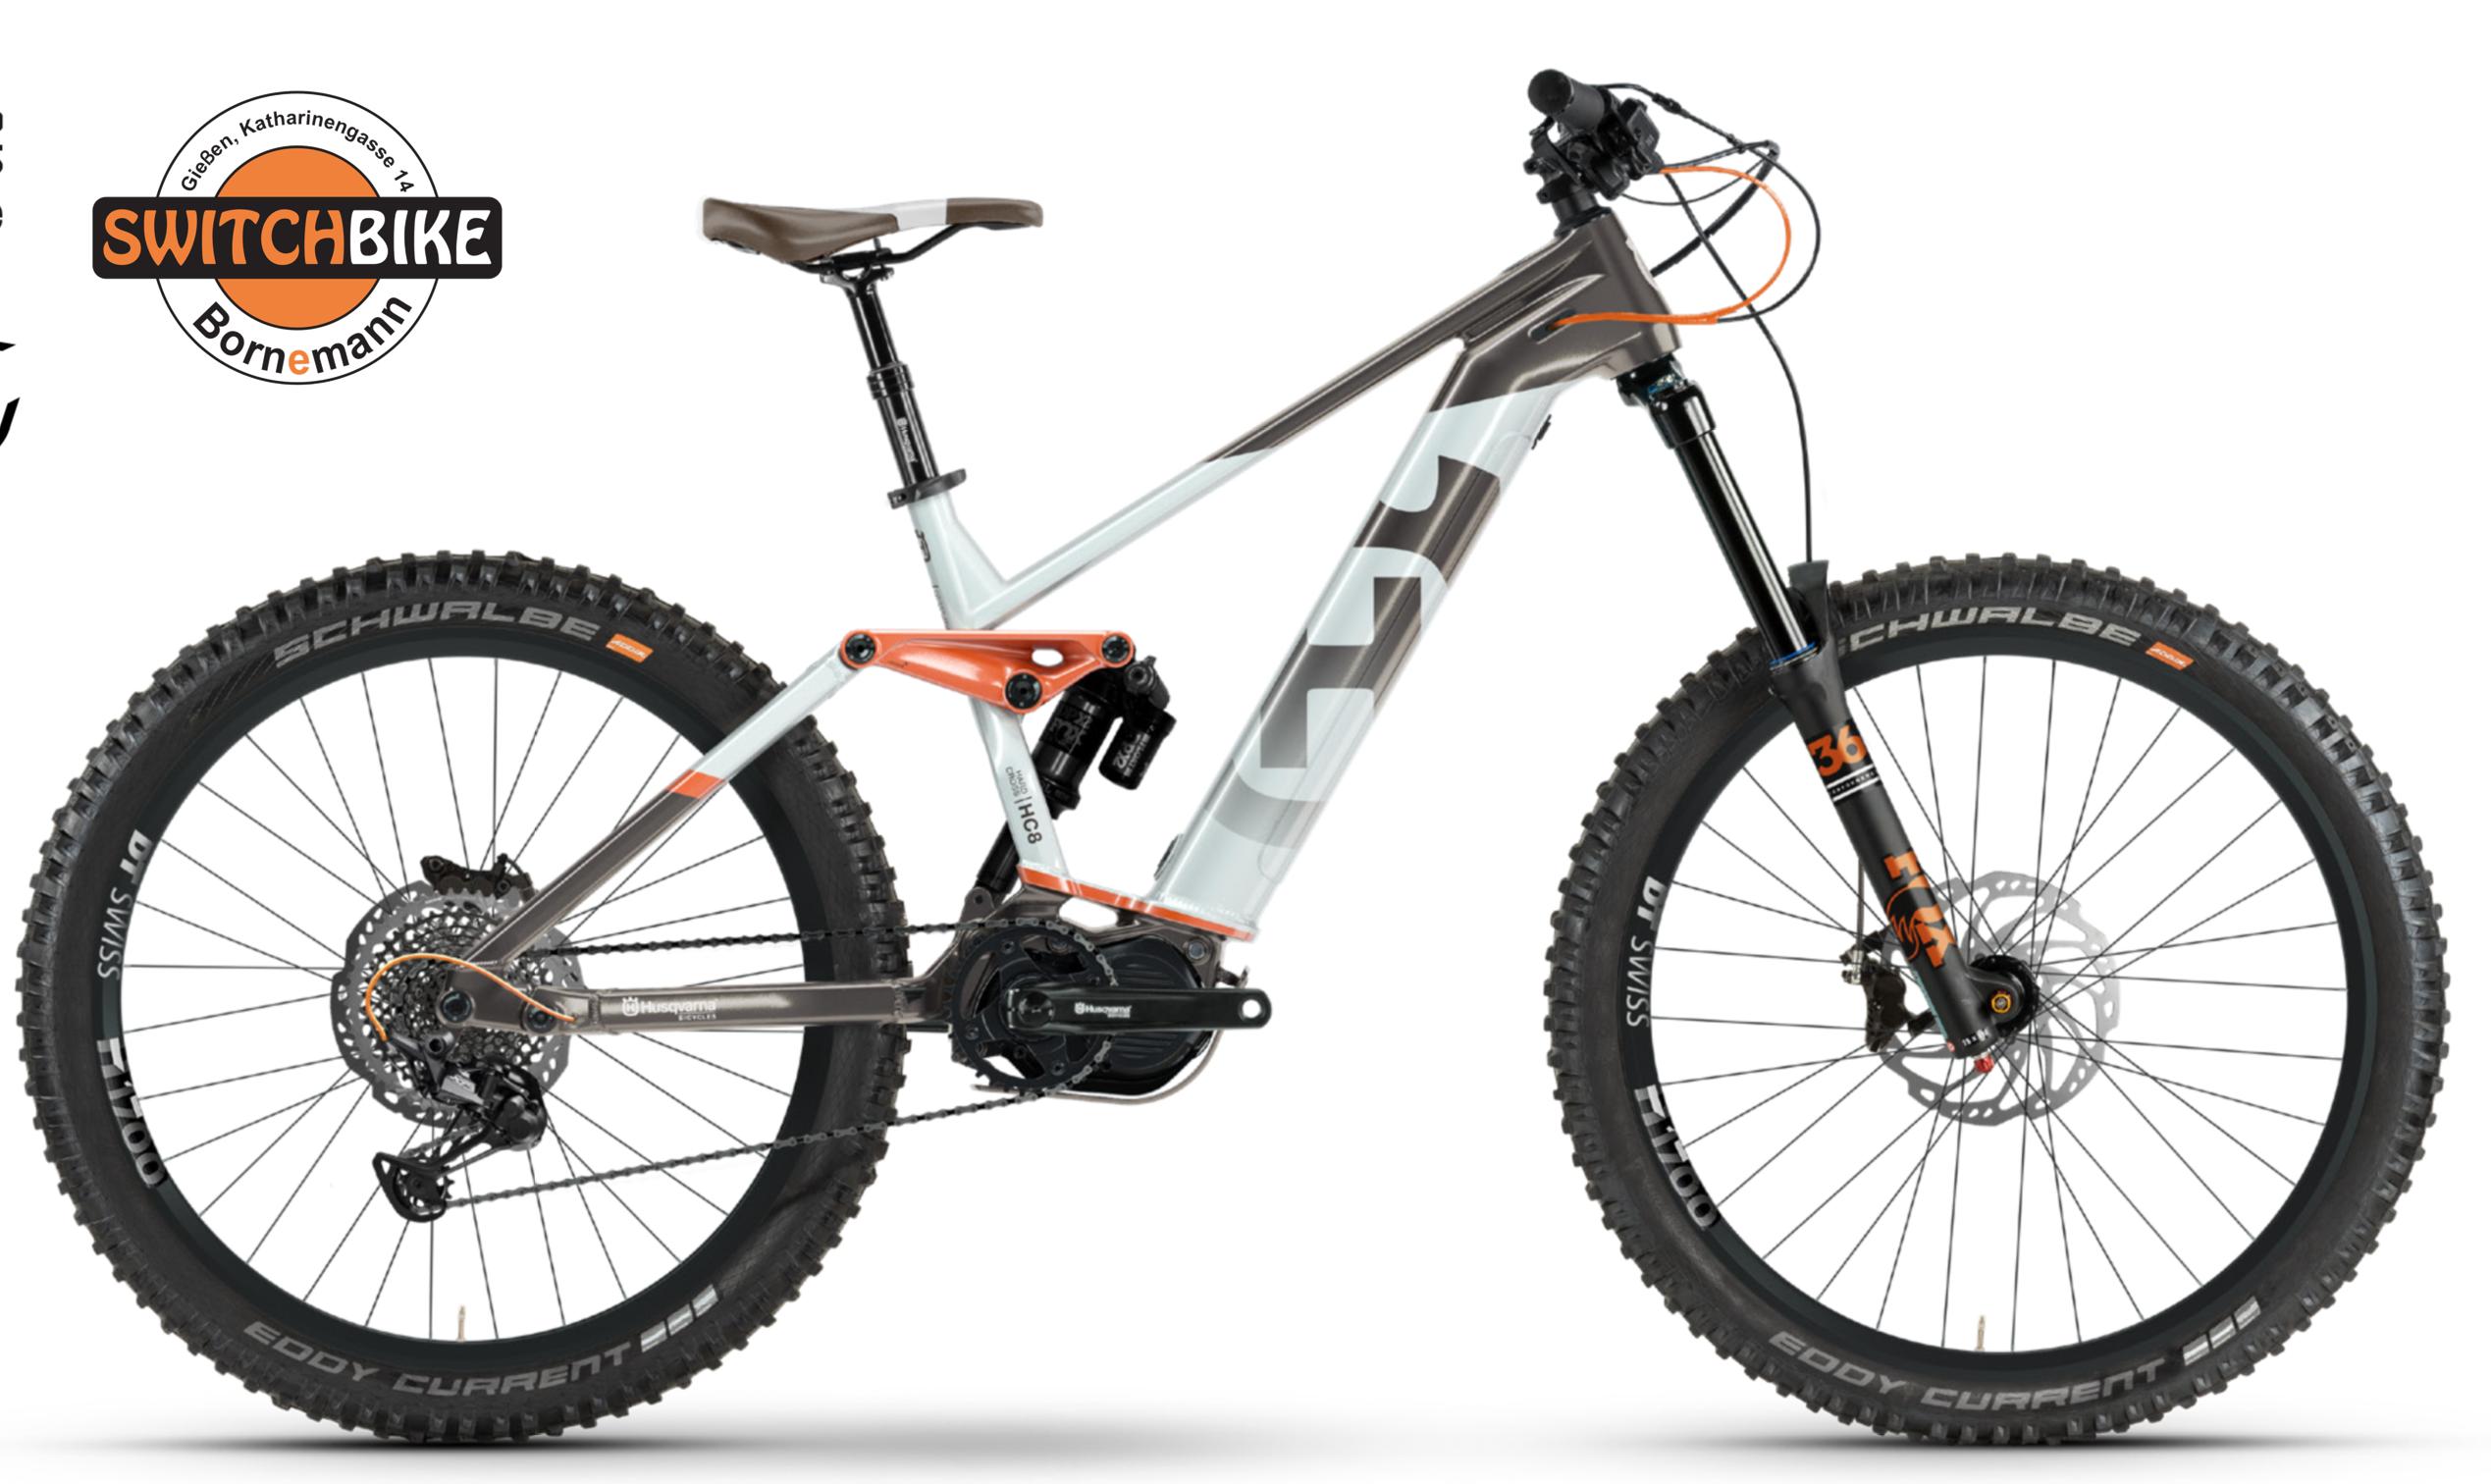 Husqvarna e-bike Neuheiten 2020 Switchbike Bornemann